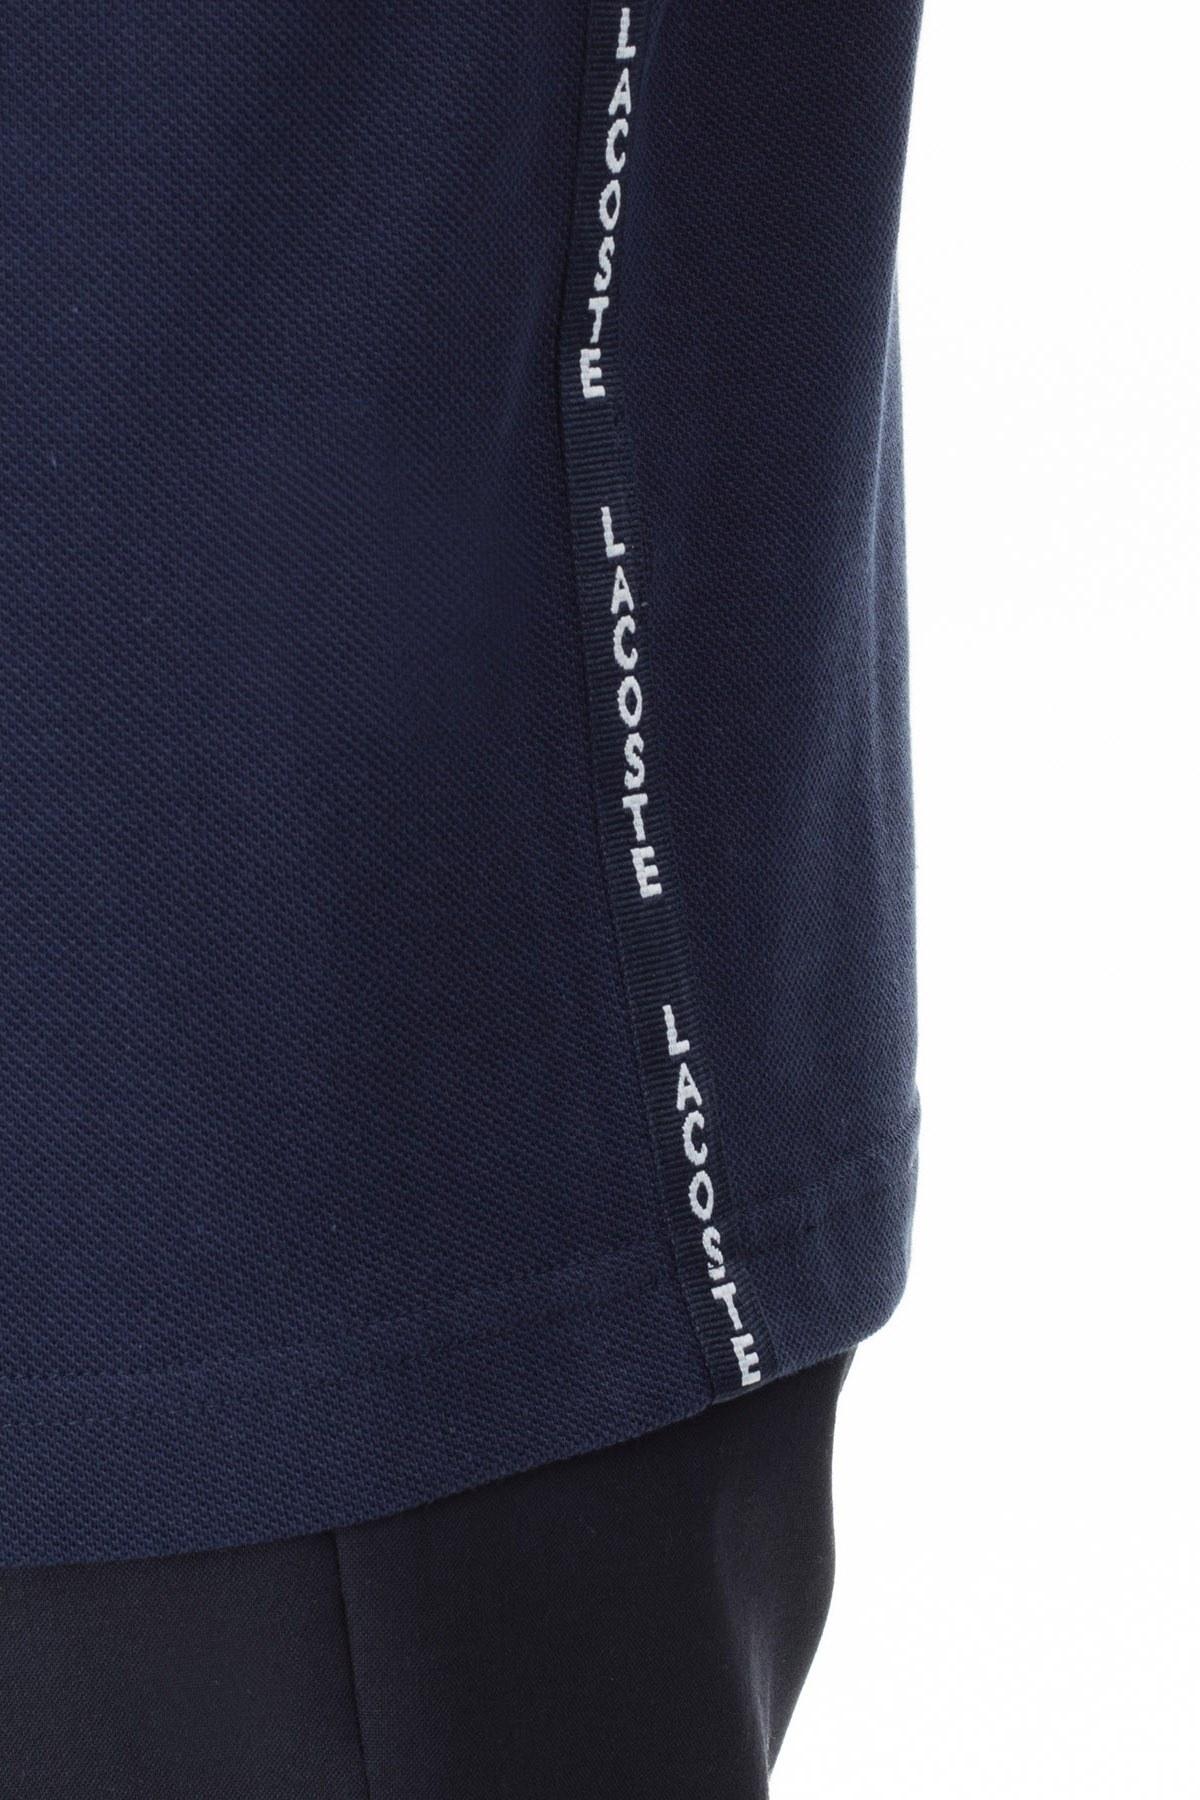 Lacoste % 100 Pamuk Slim Fit T Shirt Erkek Polo PH0008 08L LACİVERT